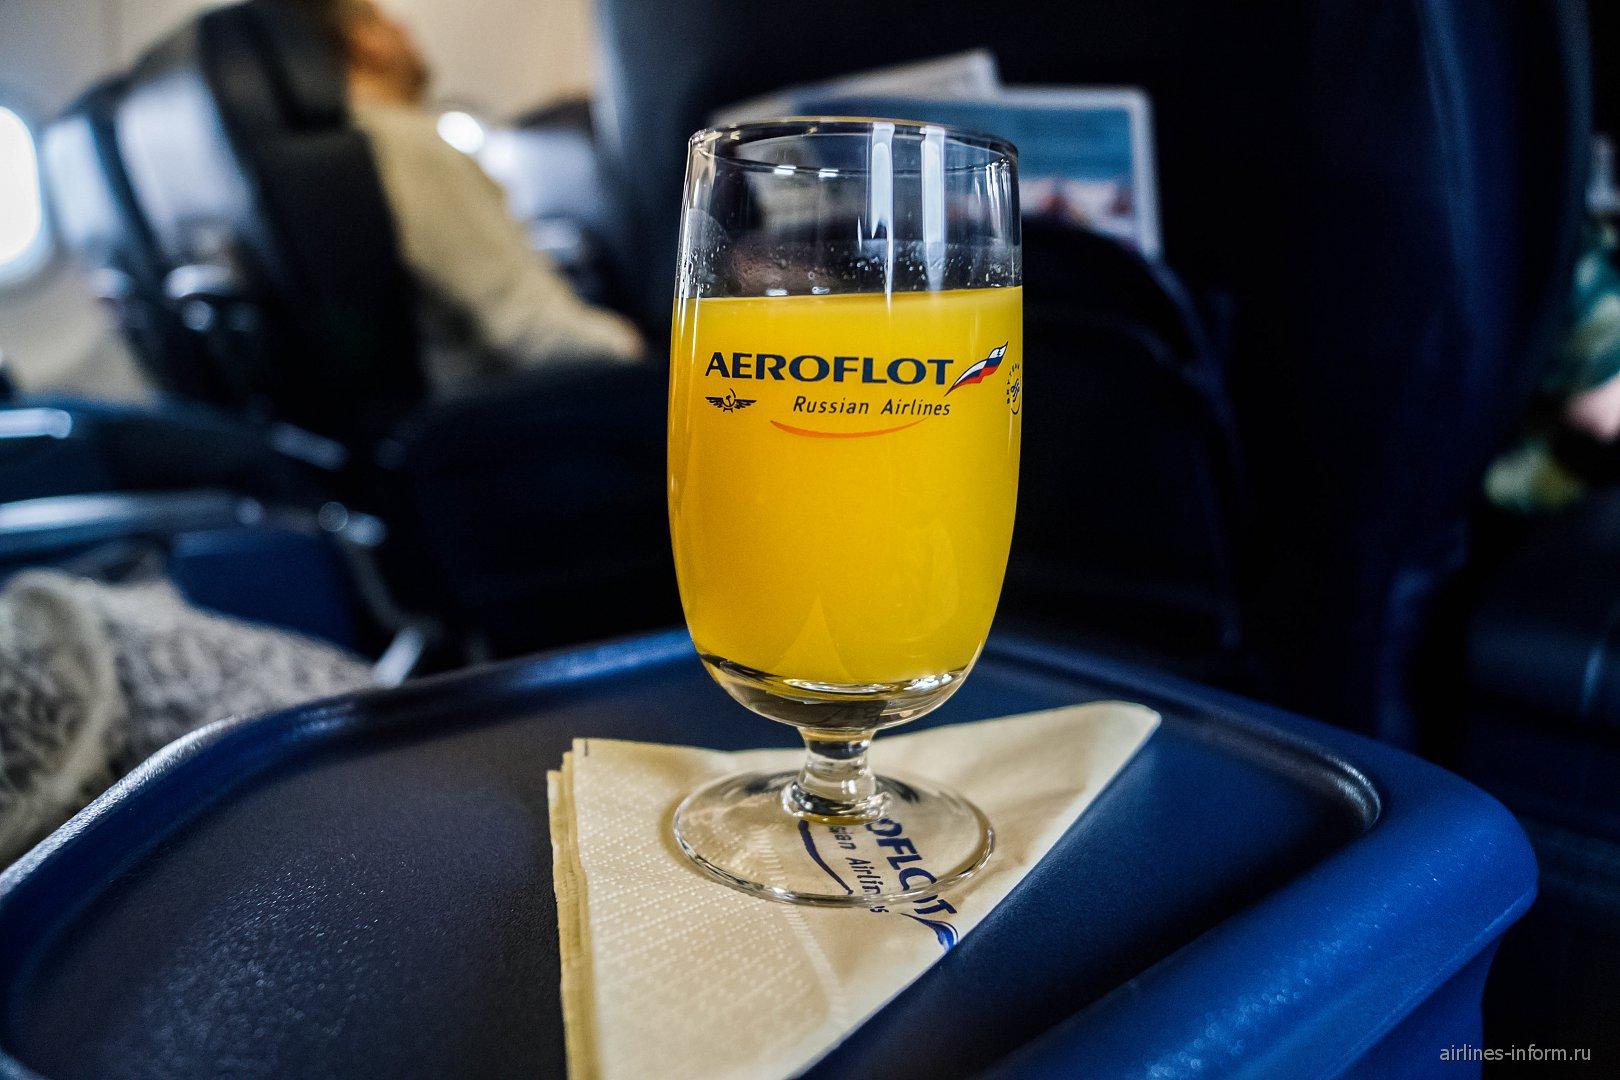 Апельсиновый сок в бизнес-классе Аэрофлота